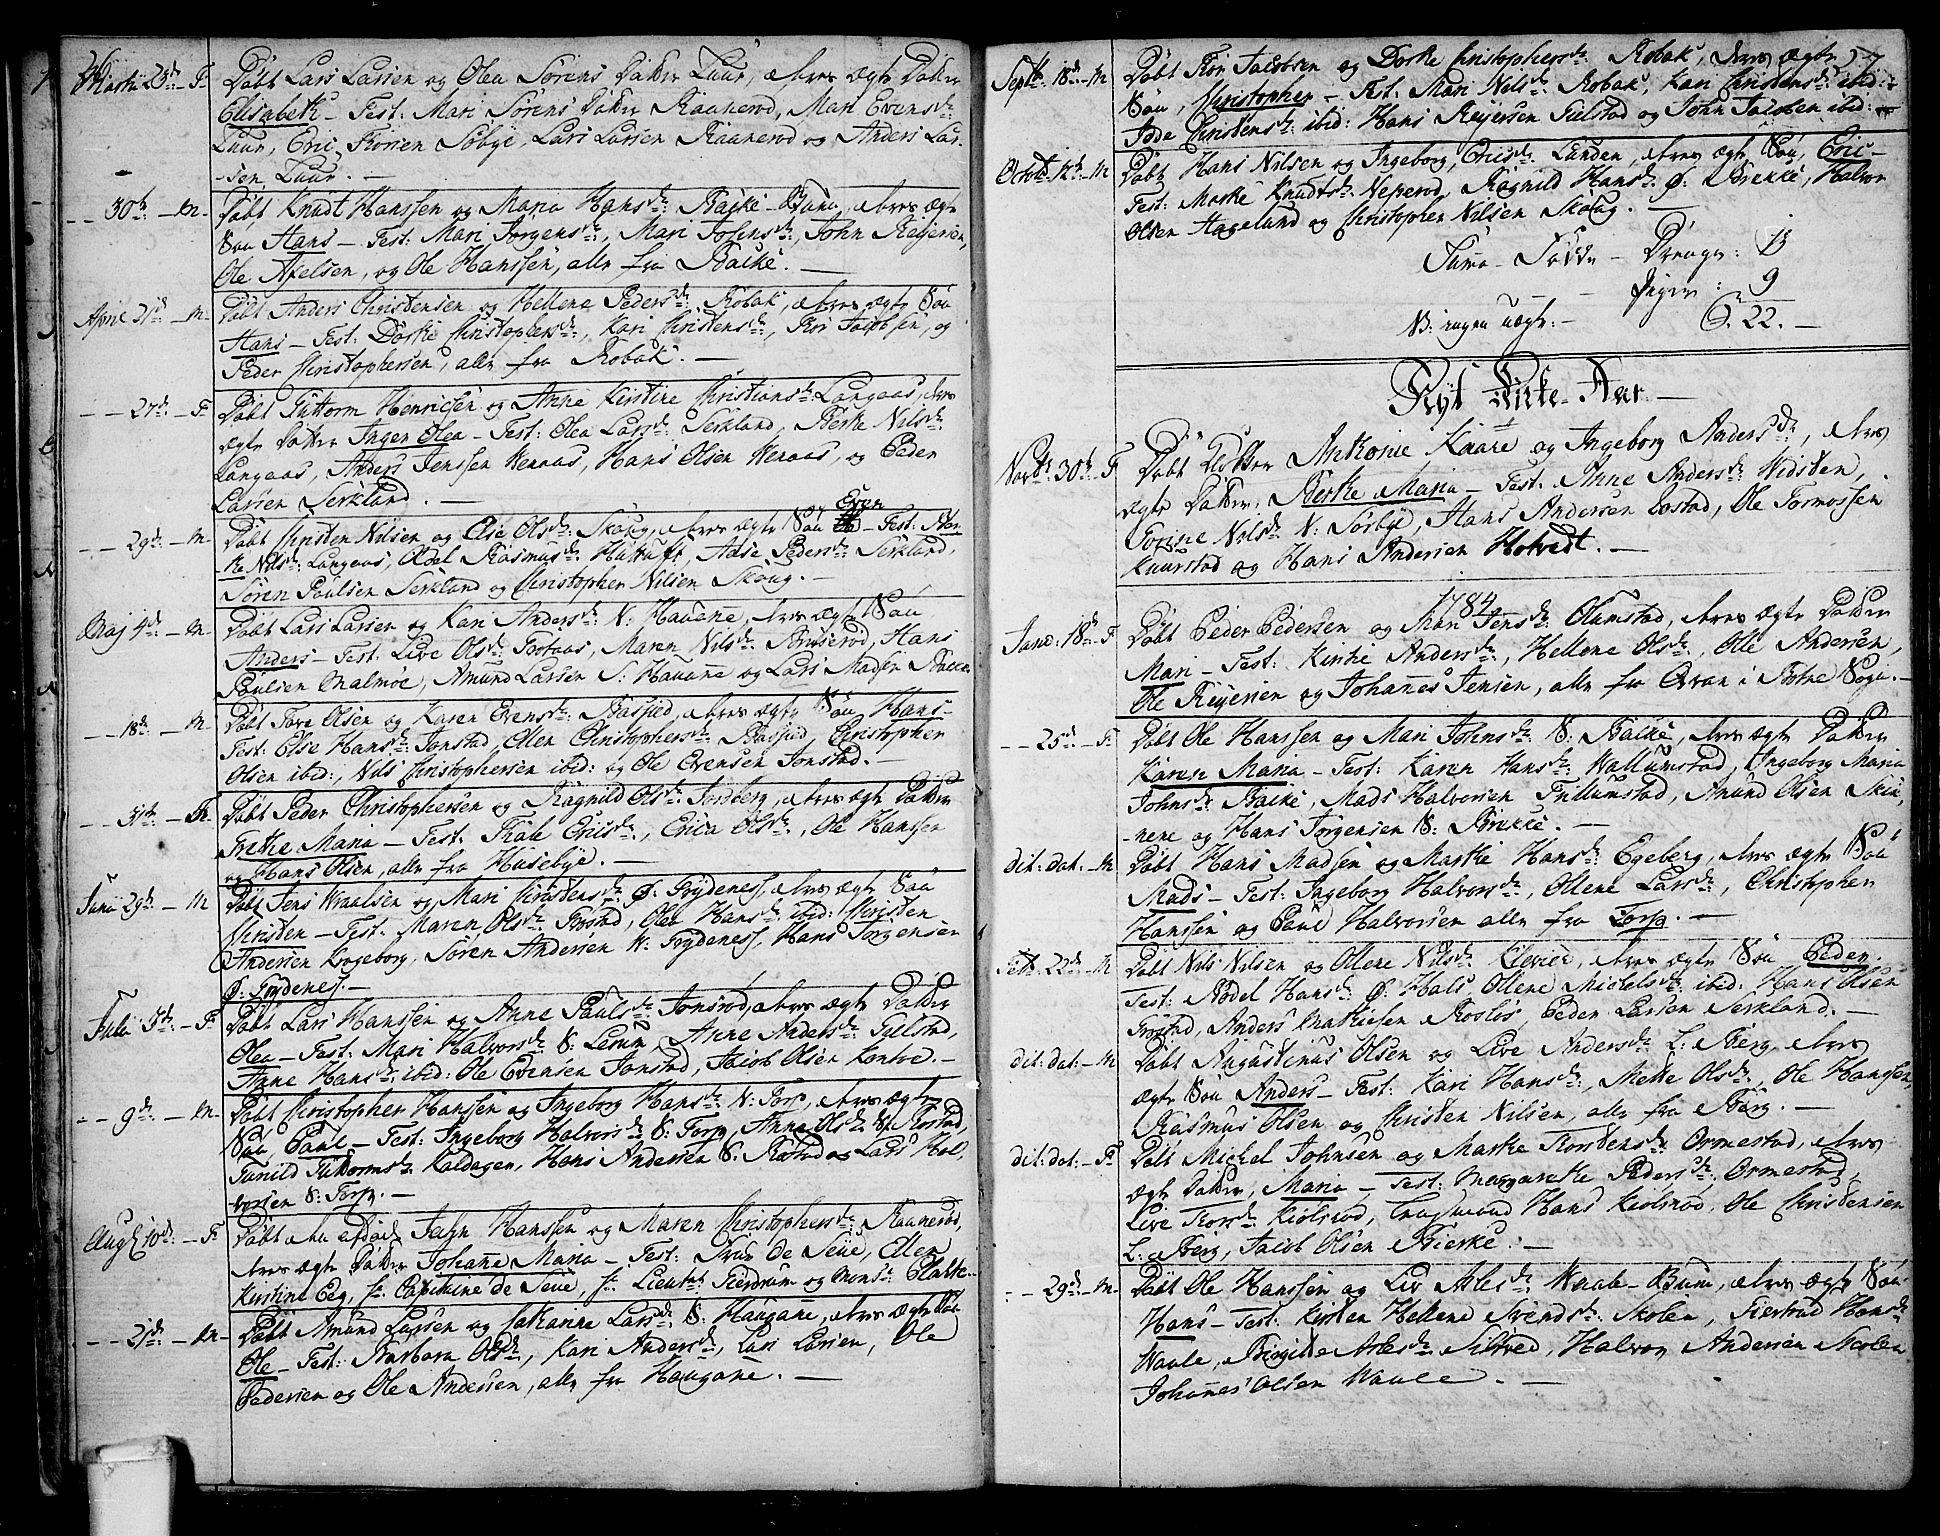 SAKO, Våle kirkebøker, F/Fa/L0005: Ministerialbok nr. I 5, 1773-1808, s. 26-27